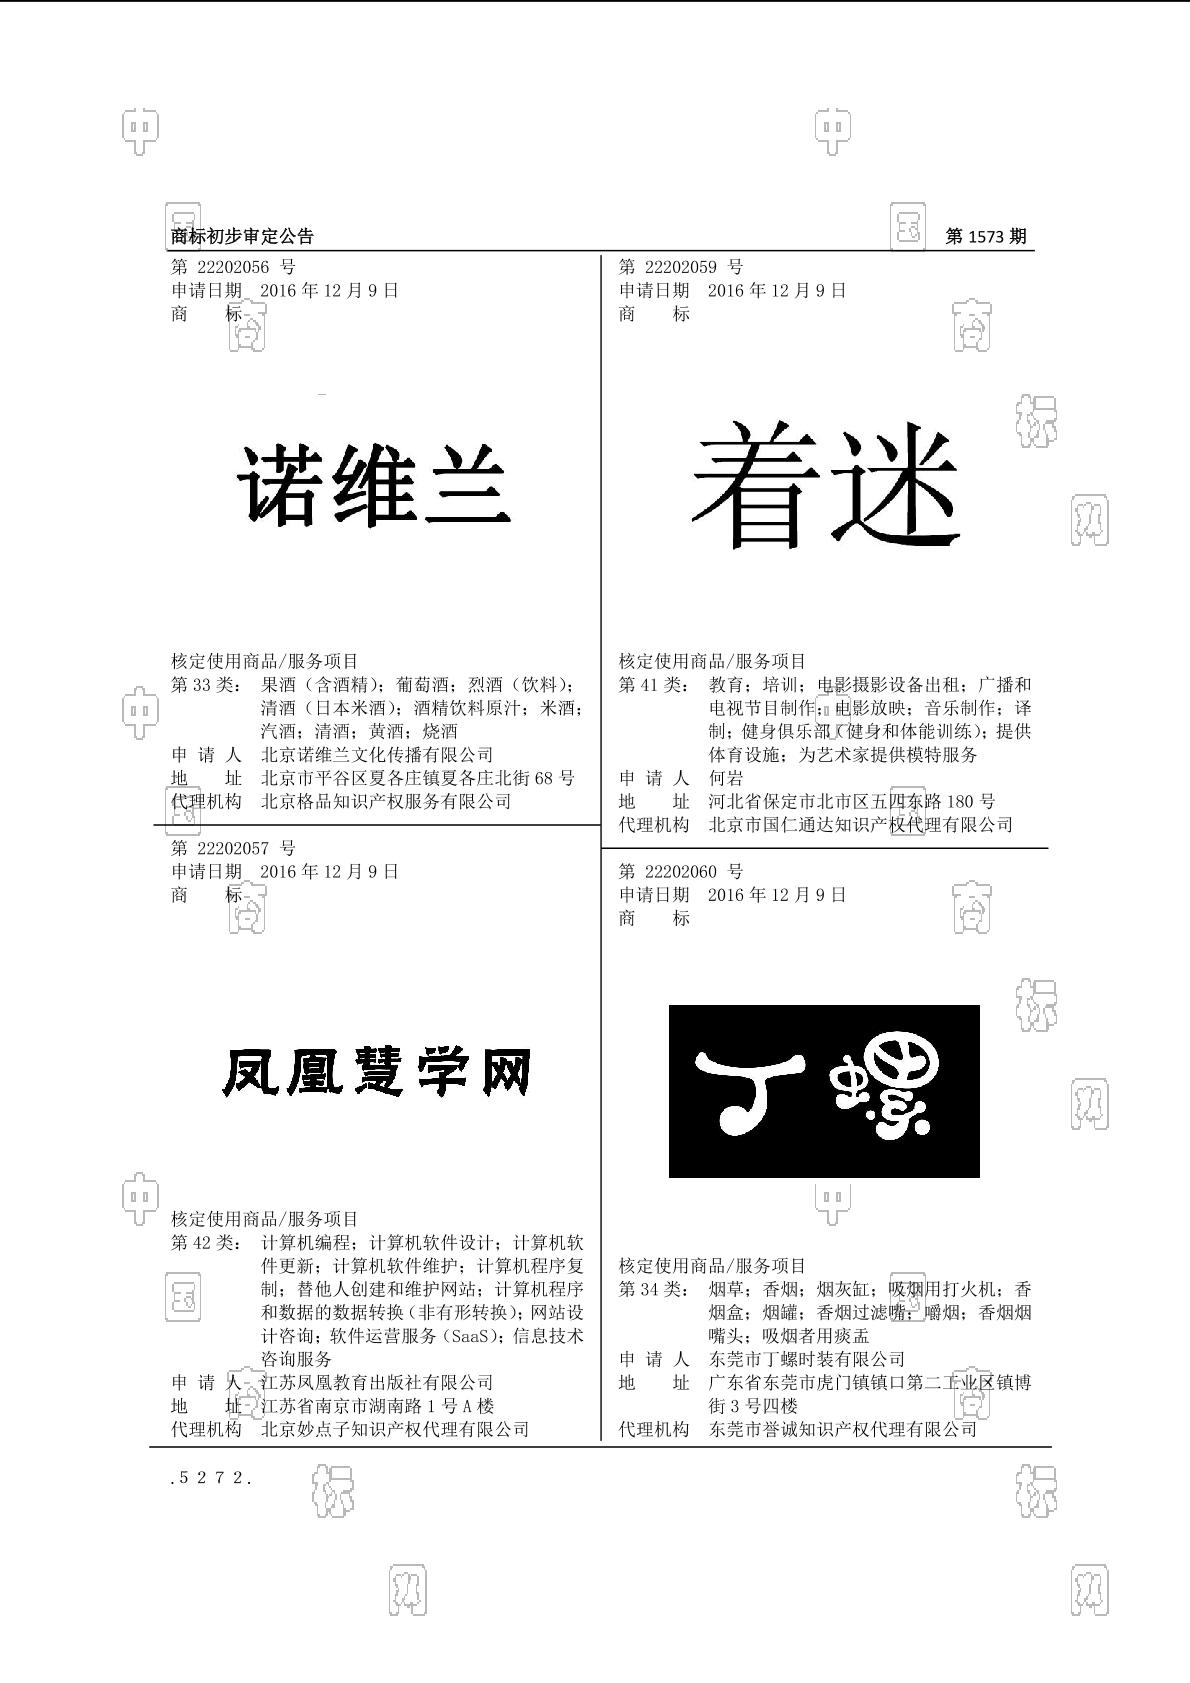 【社标网】着迷商标状态注册号信息 何岩商标信息-商标查询